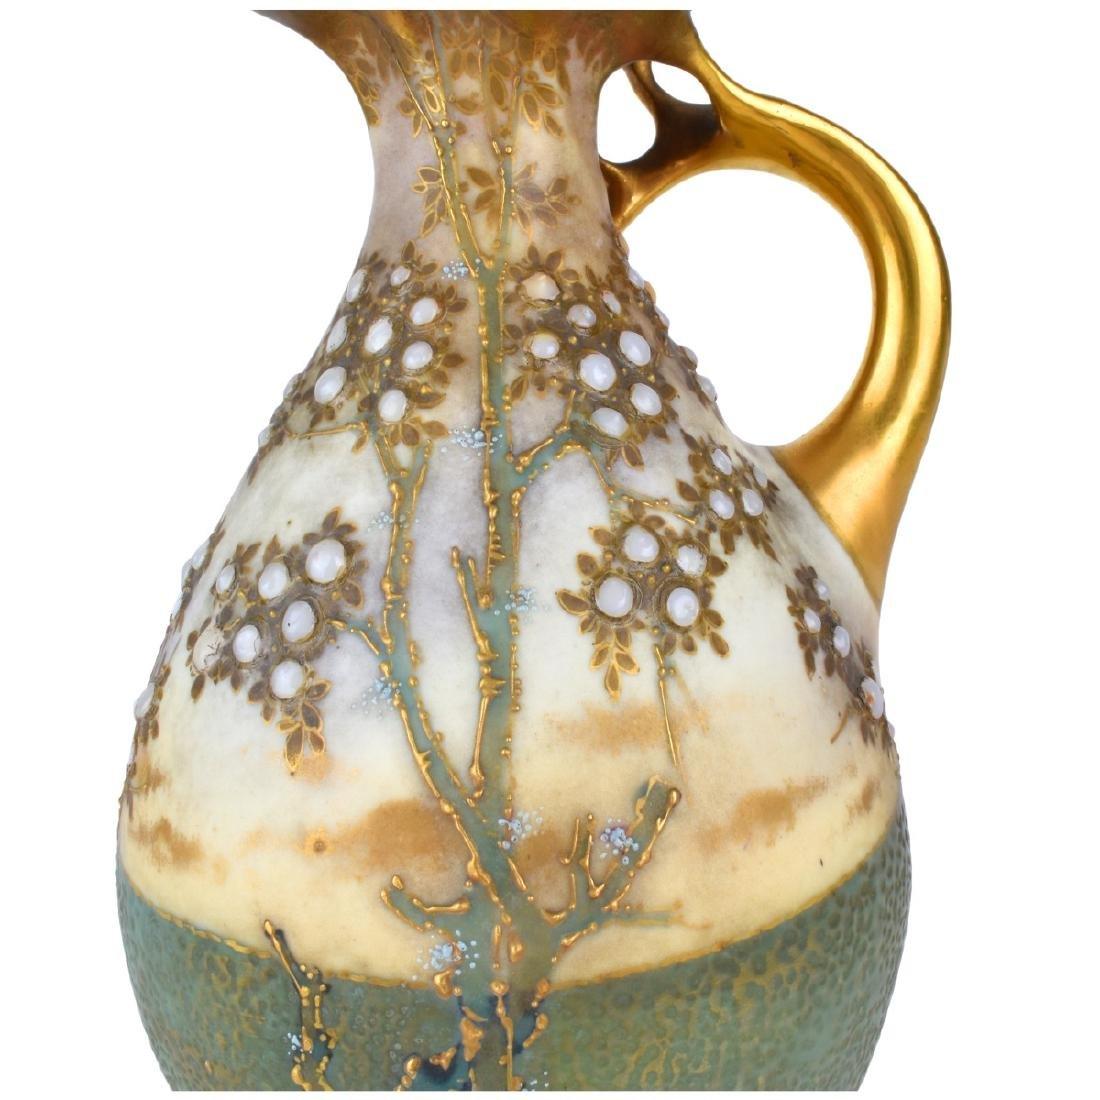 Amphora Turn Teplitz Ewer - 4